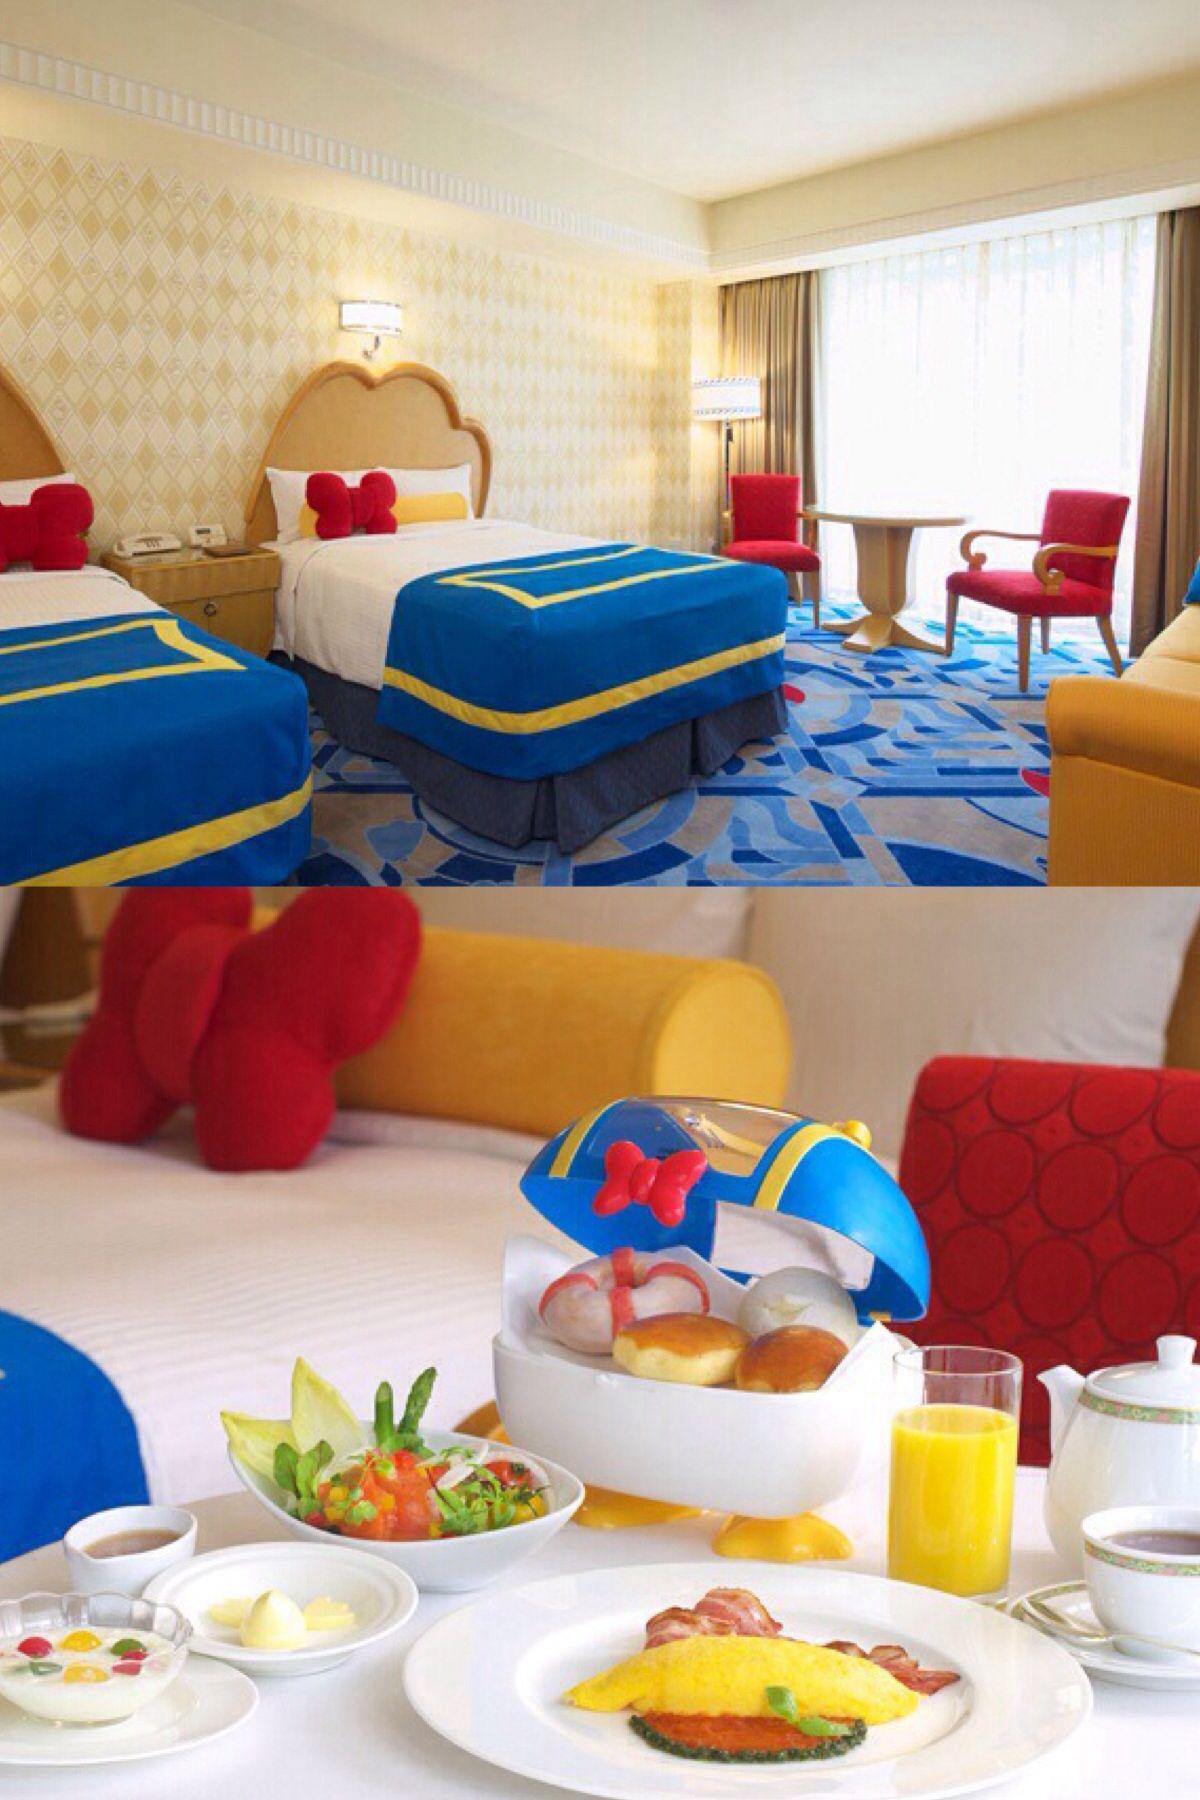 Donald Duck Themed Room At The Ambassador Hotel At Tokyo